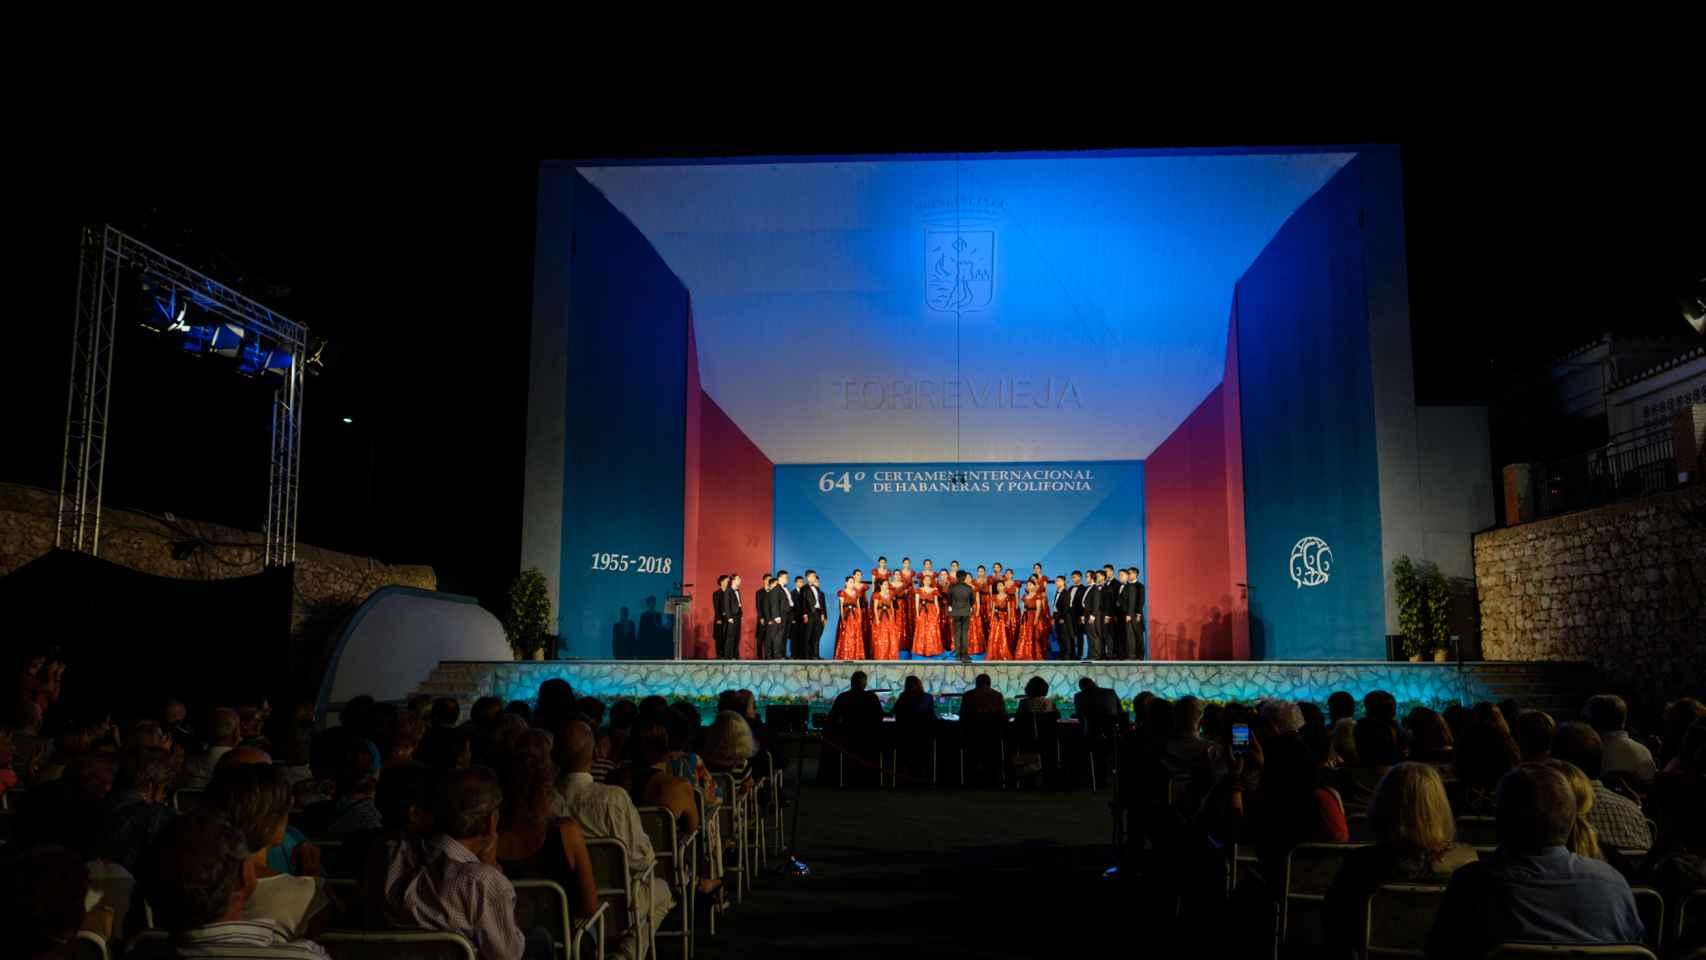 Velada de la 64 edición del certamen celebrada en Torrevieja en 2018.